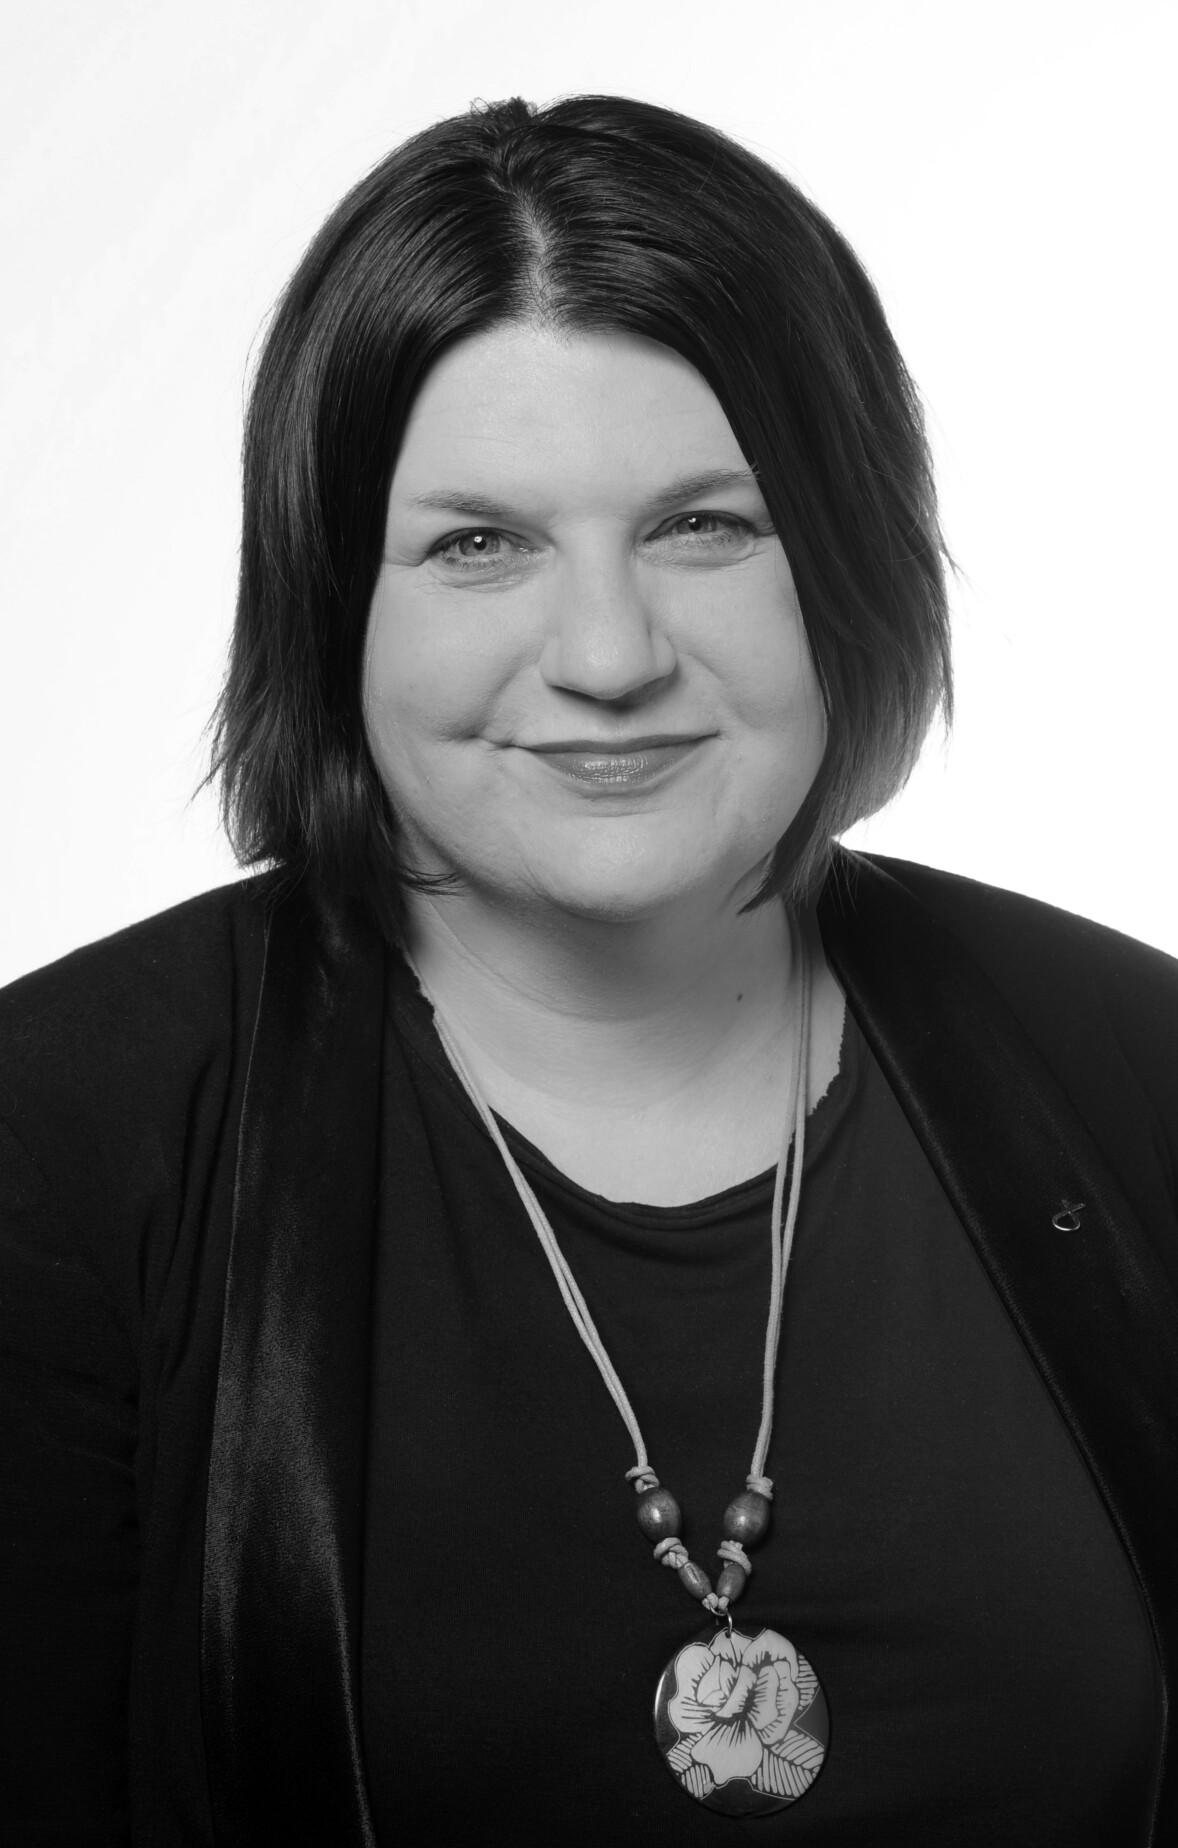 Cllr Susan Aitken